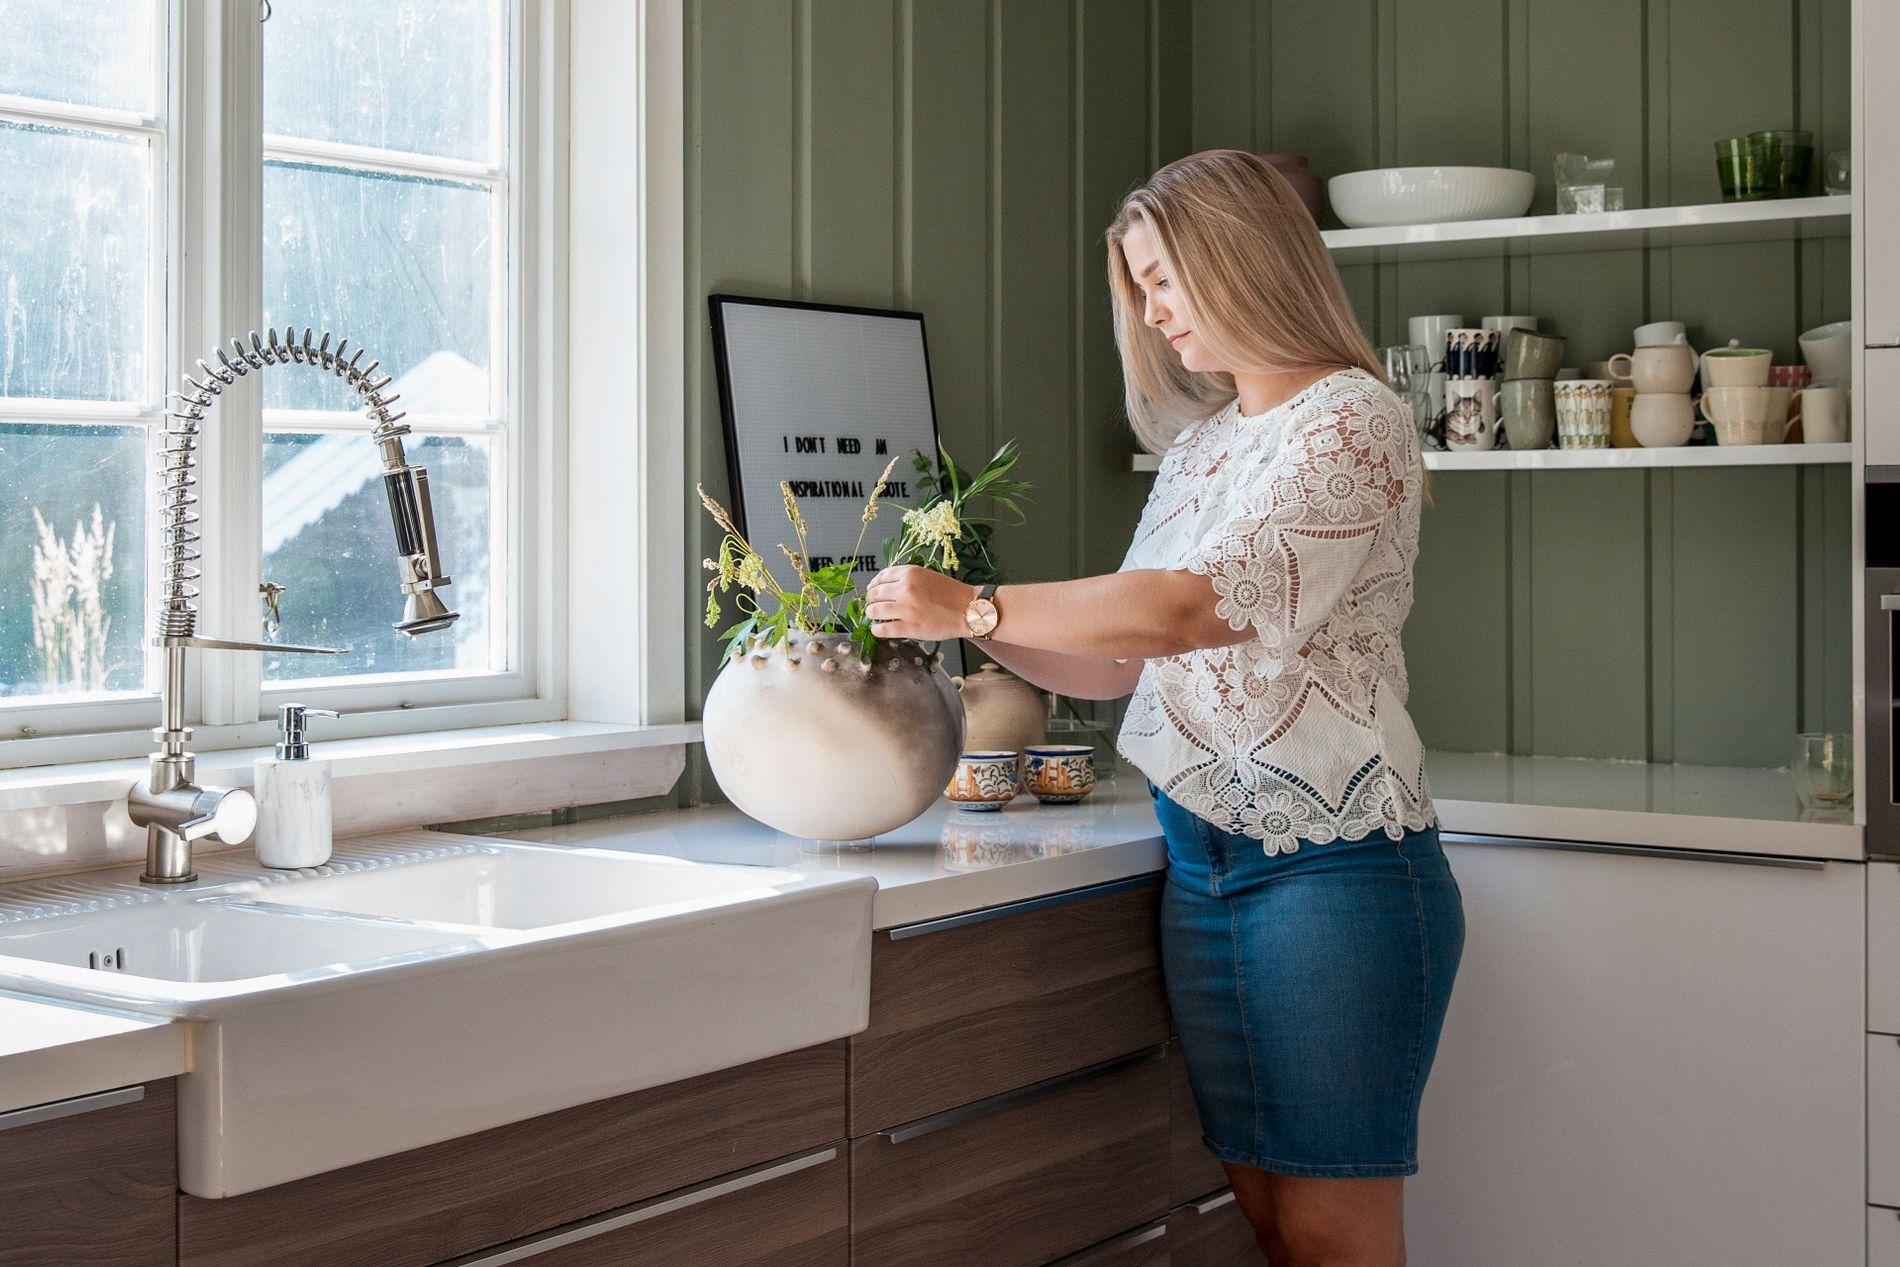 Alice Bratås er kreativ og liker å skape. Her er hun på kjøkkenet med en vase hun har laget selv av leire, brent i selvbygget teglsteinsovn.